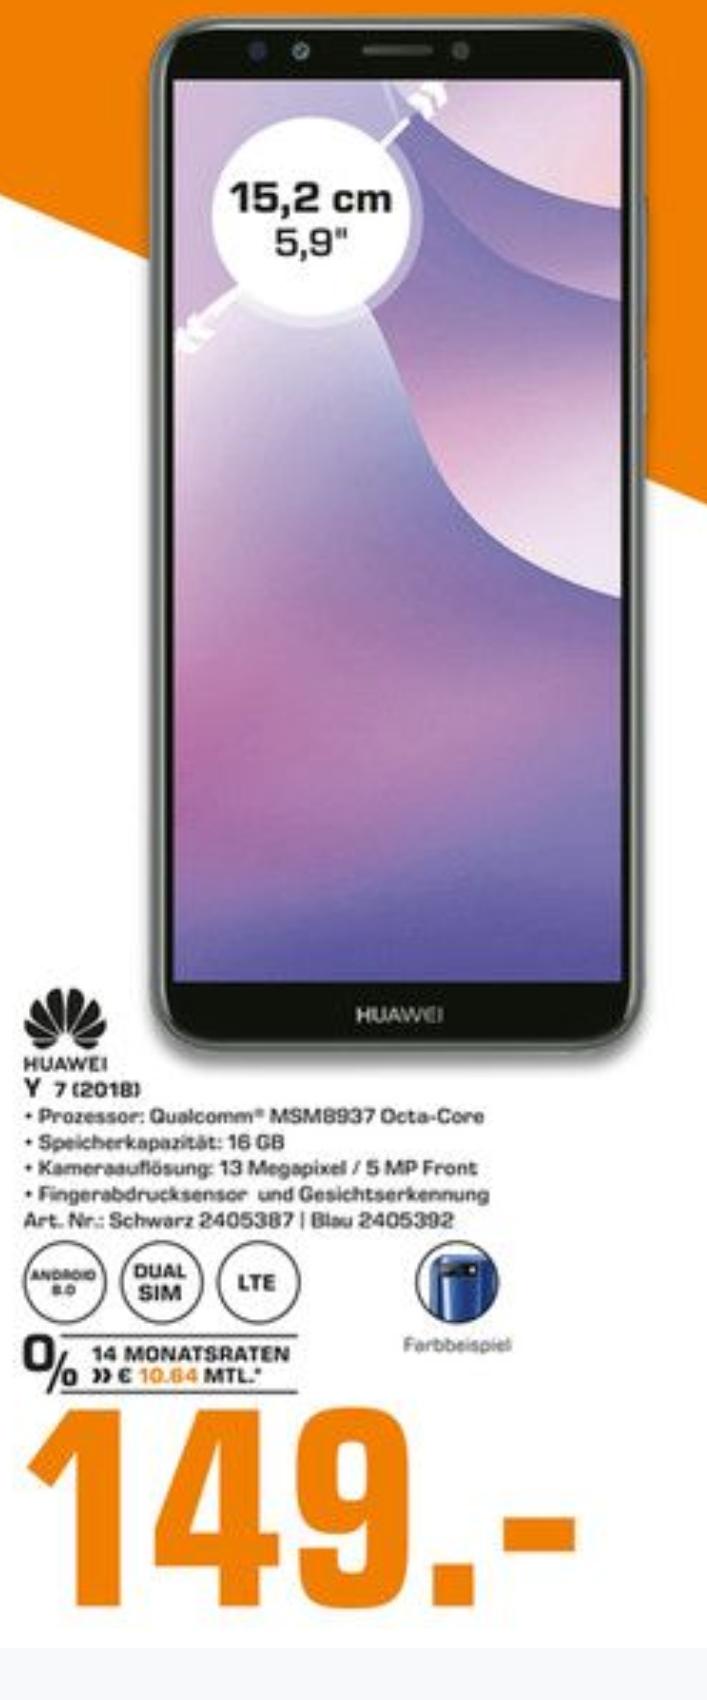 Das Huawei Y7 2018 für 149€ bei allen Berliner Saturn-Märkten und im Saturn Potsdam